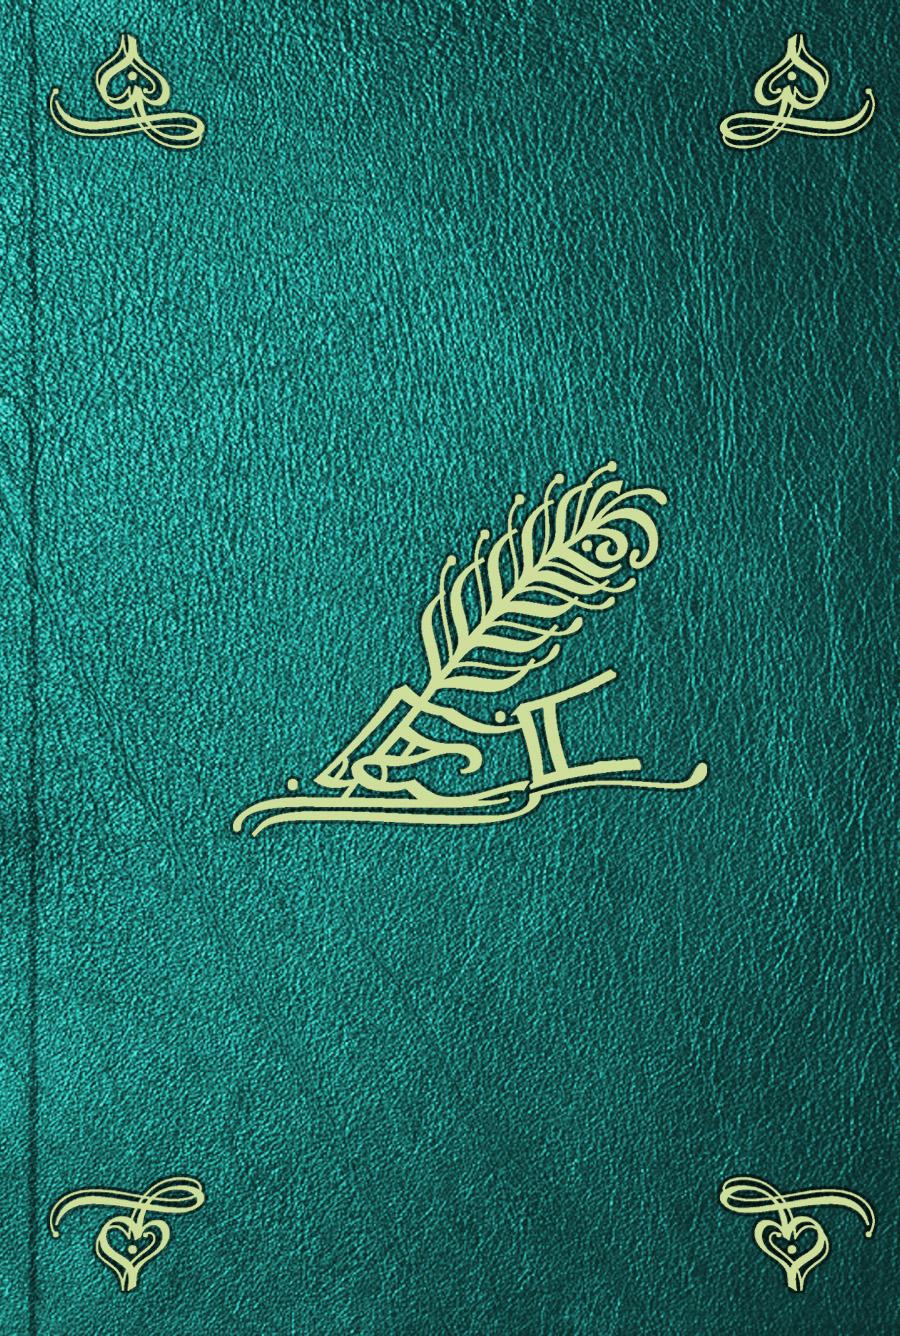 Comte de Buffon Georges Louis Leclerc Histoire naturelle. T. 3. Oiseaux paul pellisson histoire de louis xiv t 3